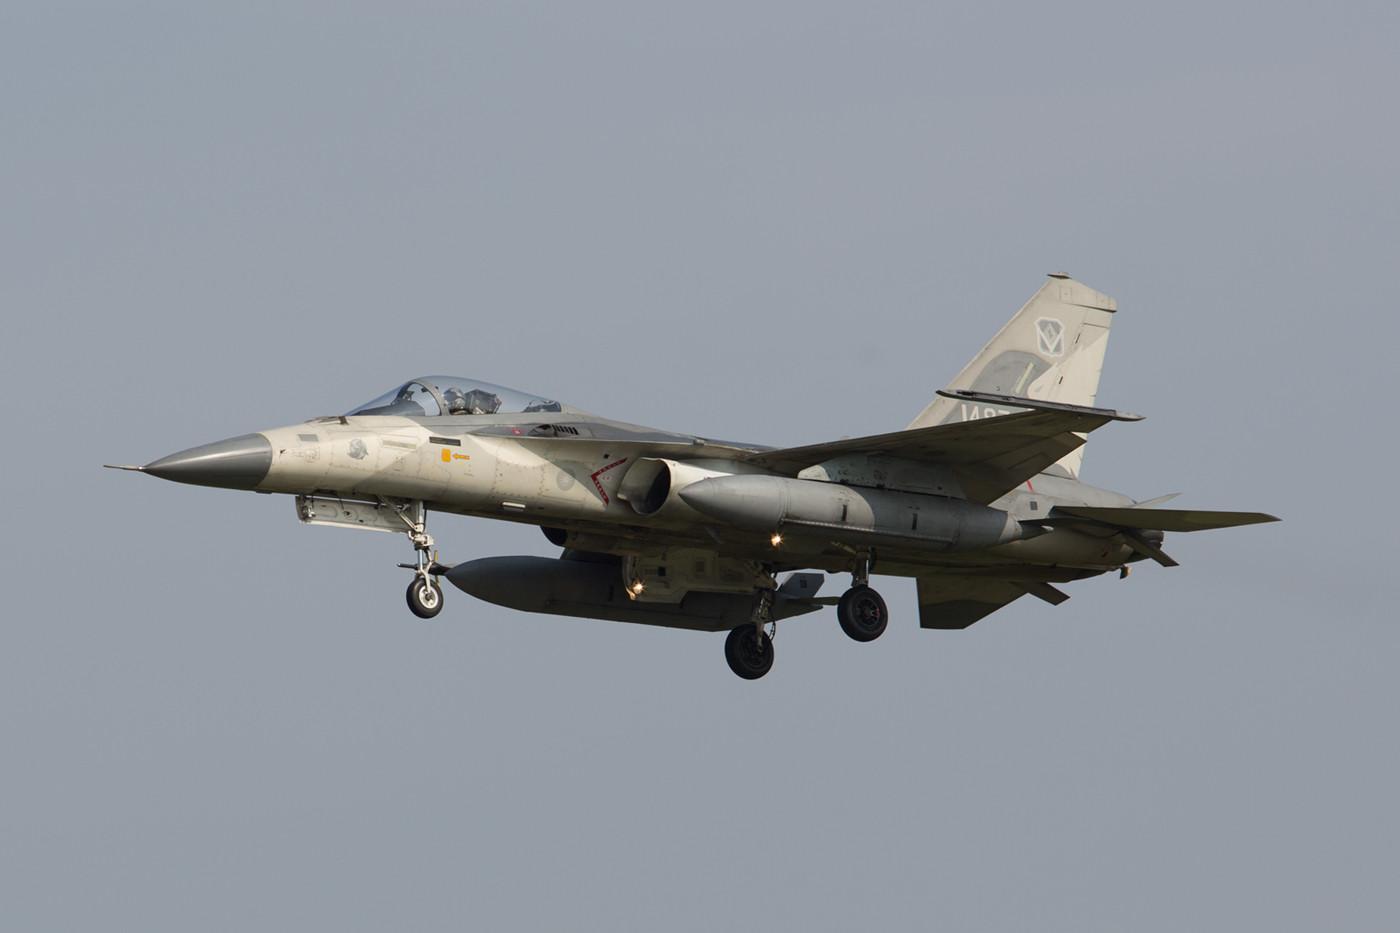 Ebenfalls am Nachmittag kam diese Maschine der 1st TFW zur Landung.